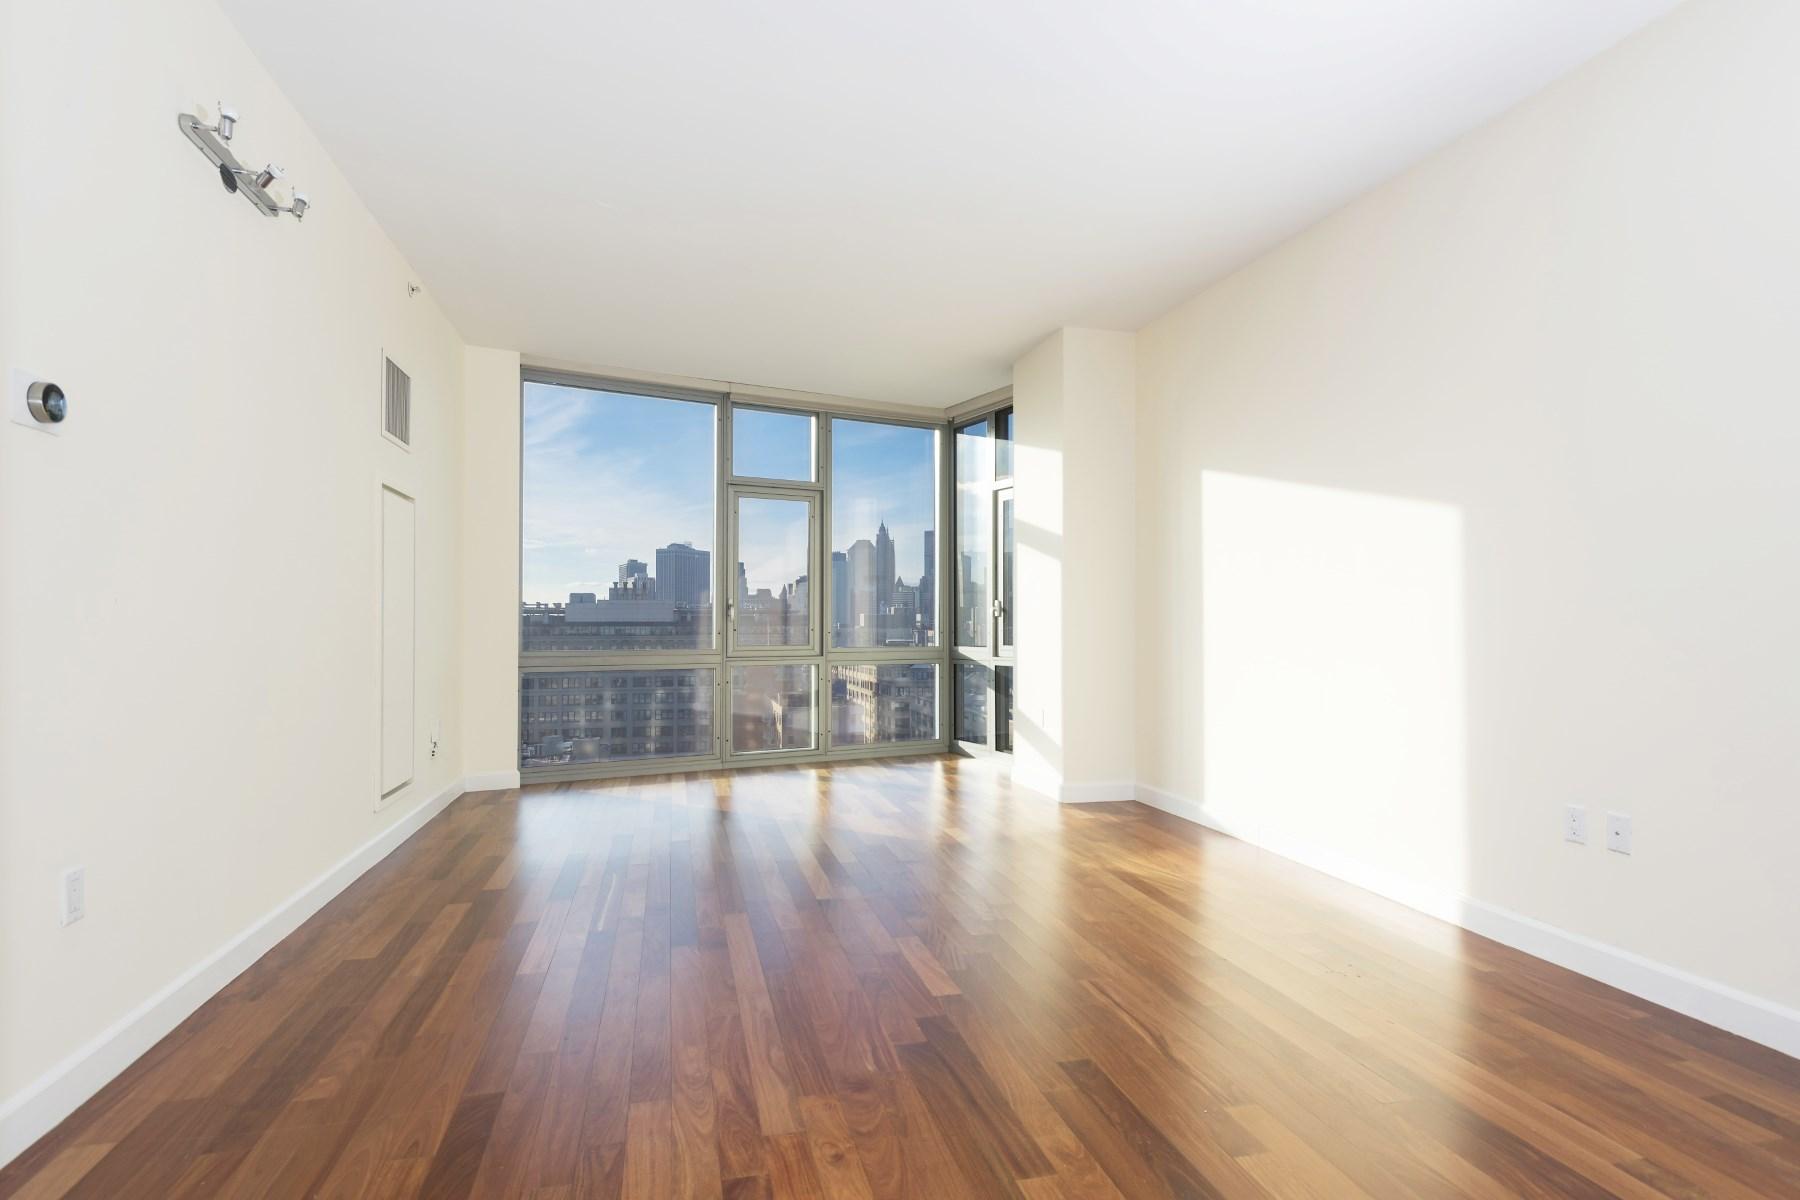 콘도미니엄 용 매매 에 Desirable 3-Bedroom with Amazing Views 100 Jay Street Apt 18h Dumbo, Brooklyn, 뉴욕 11201 미국